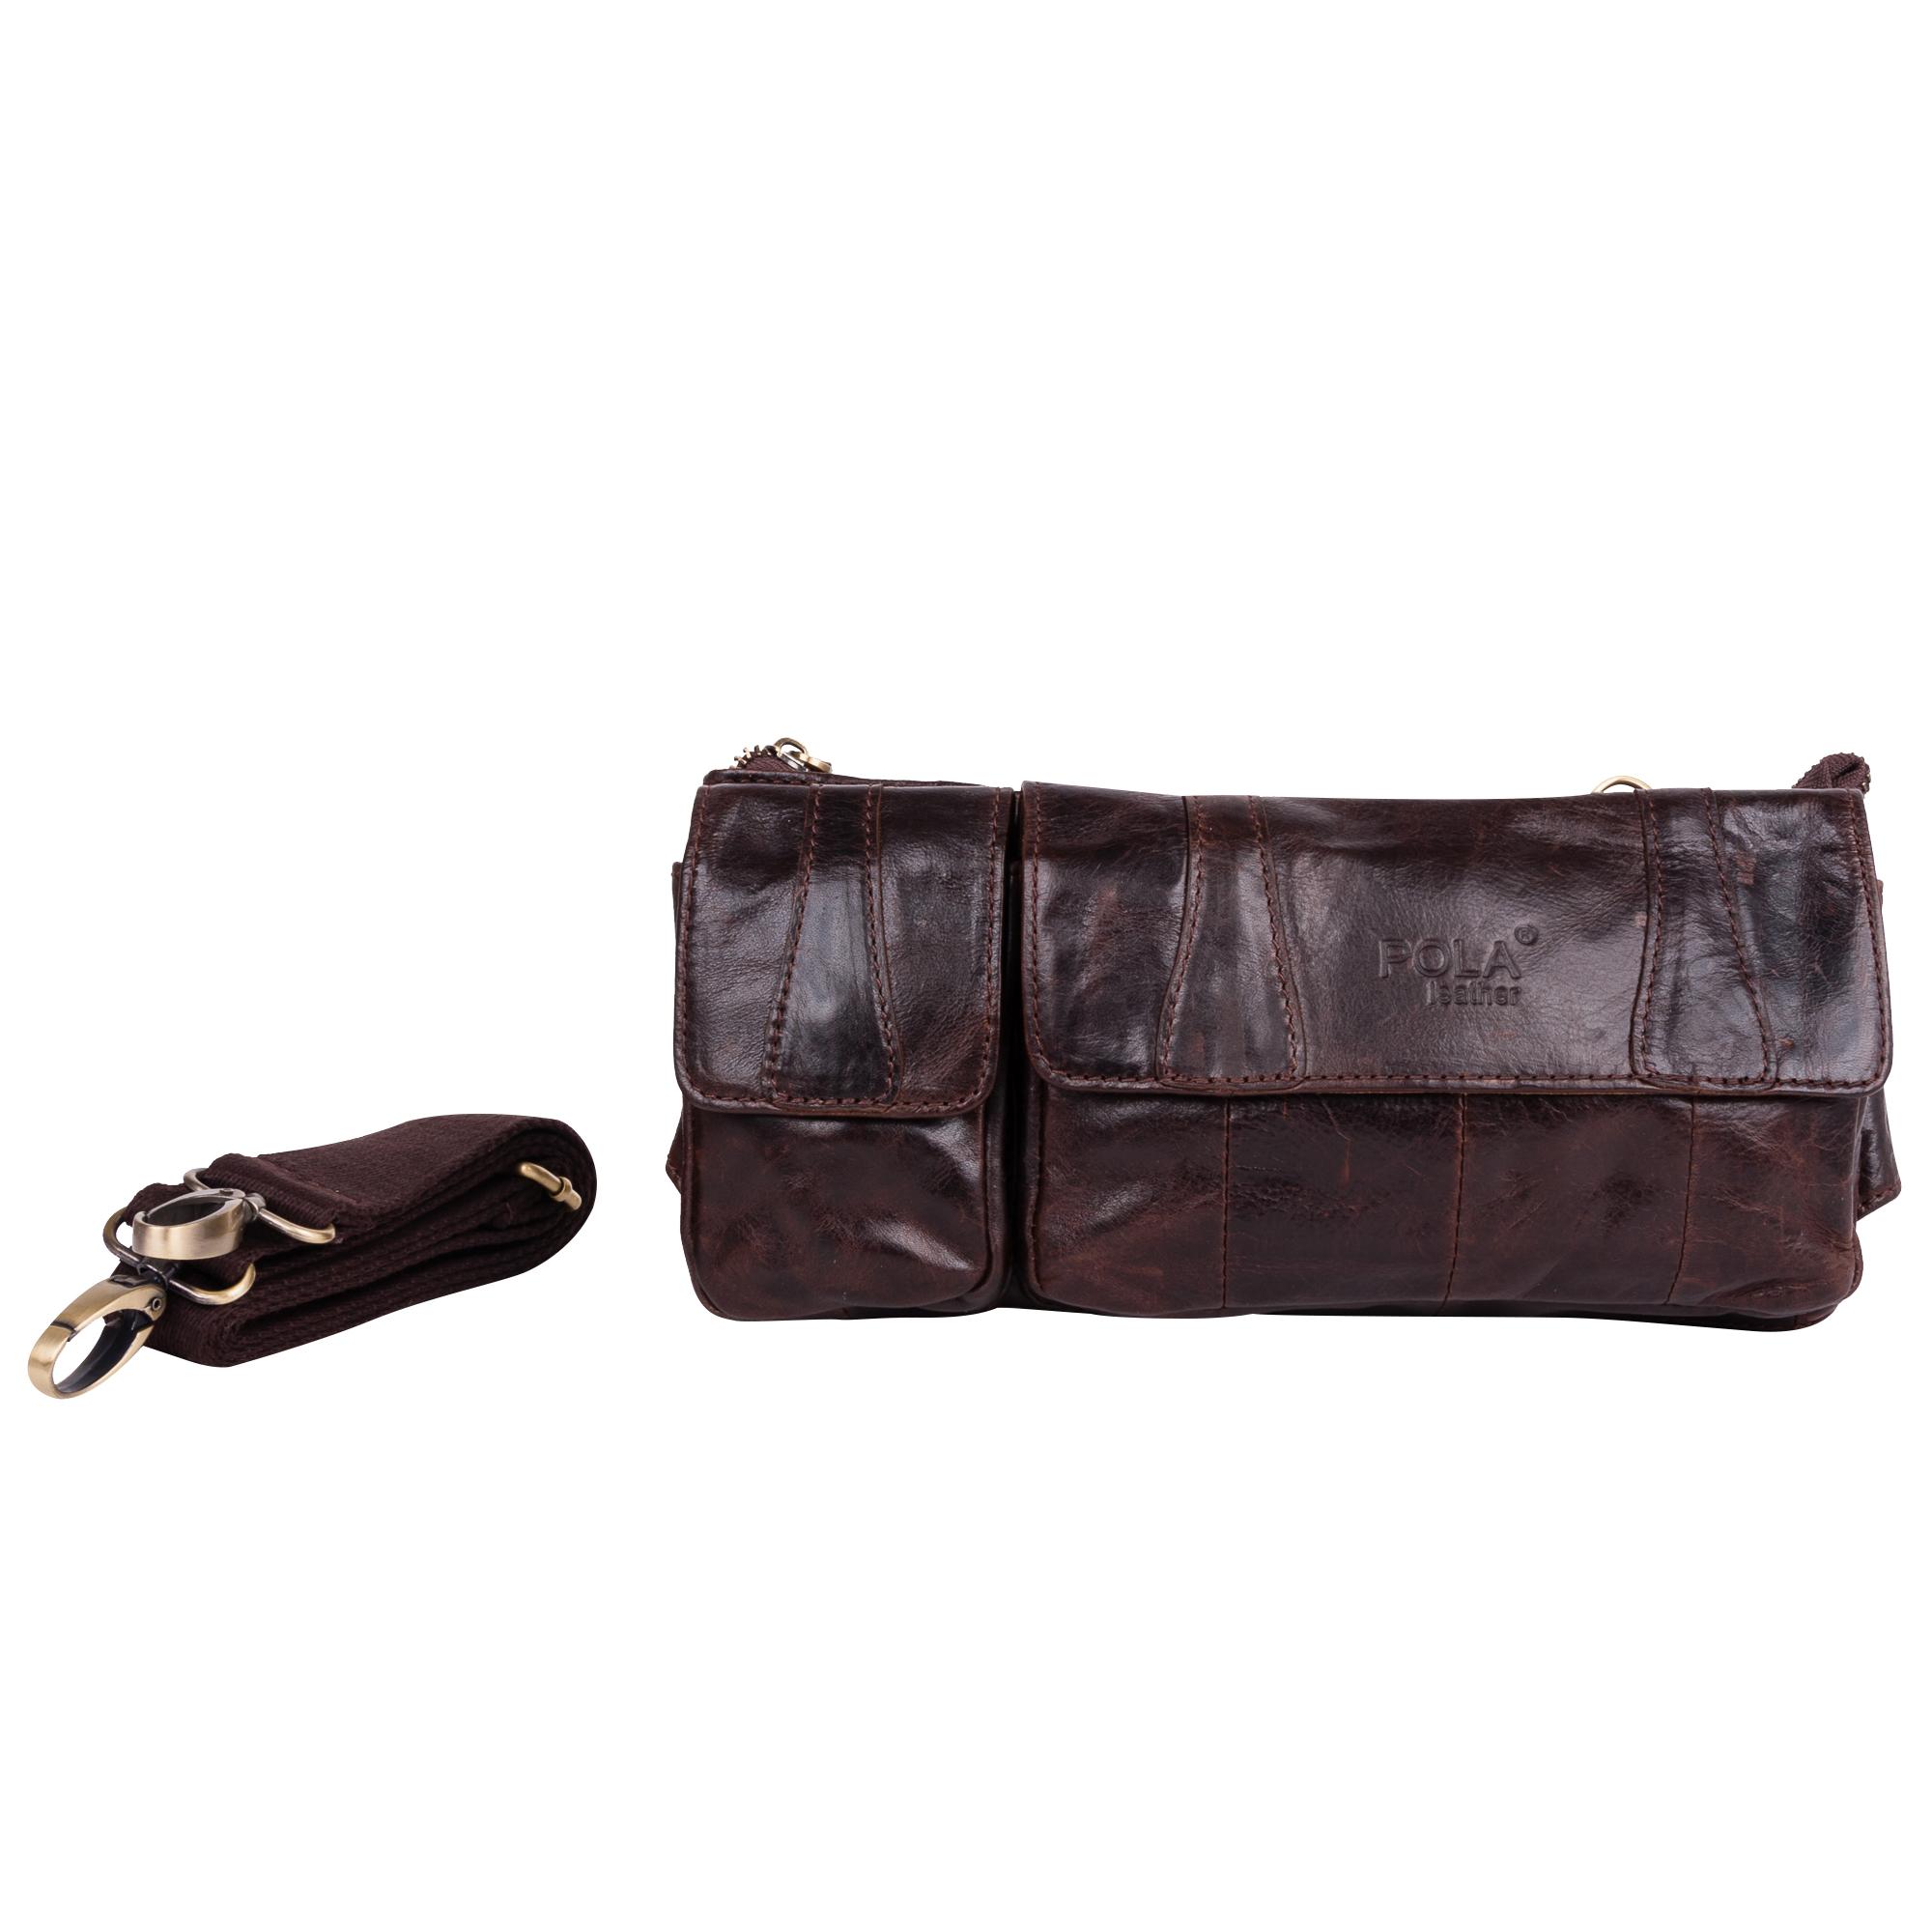 Сумка на пояс мужская Pola, цвет: коричневый. 02130213Кожаная мужская сумка Pola для ношения на поясе. Сумка состоит из одного отделения на молнии. Внутри - один врезной карман на молнии и два открытых кармана. Снаружи - два врезных кармана на молниях сзади сумки и два накладных кармана спереди сумки. Пояс регулируется, максимальный объем 140 см. Сумку можно носить как на поясе, так и на плече. В комплекте имеется плечевой ремень.